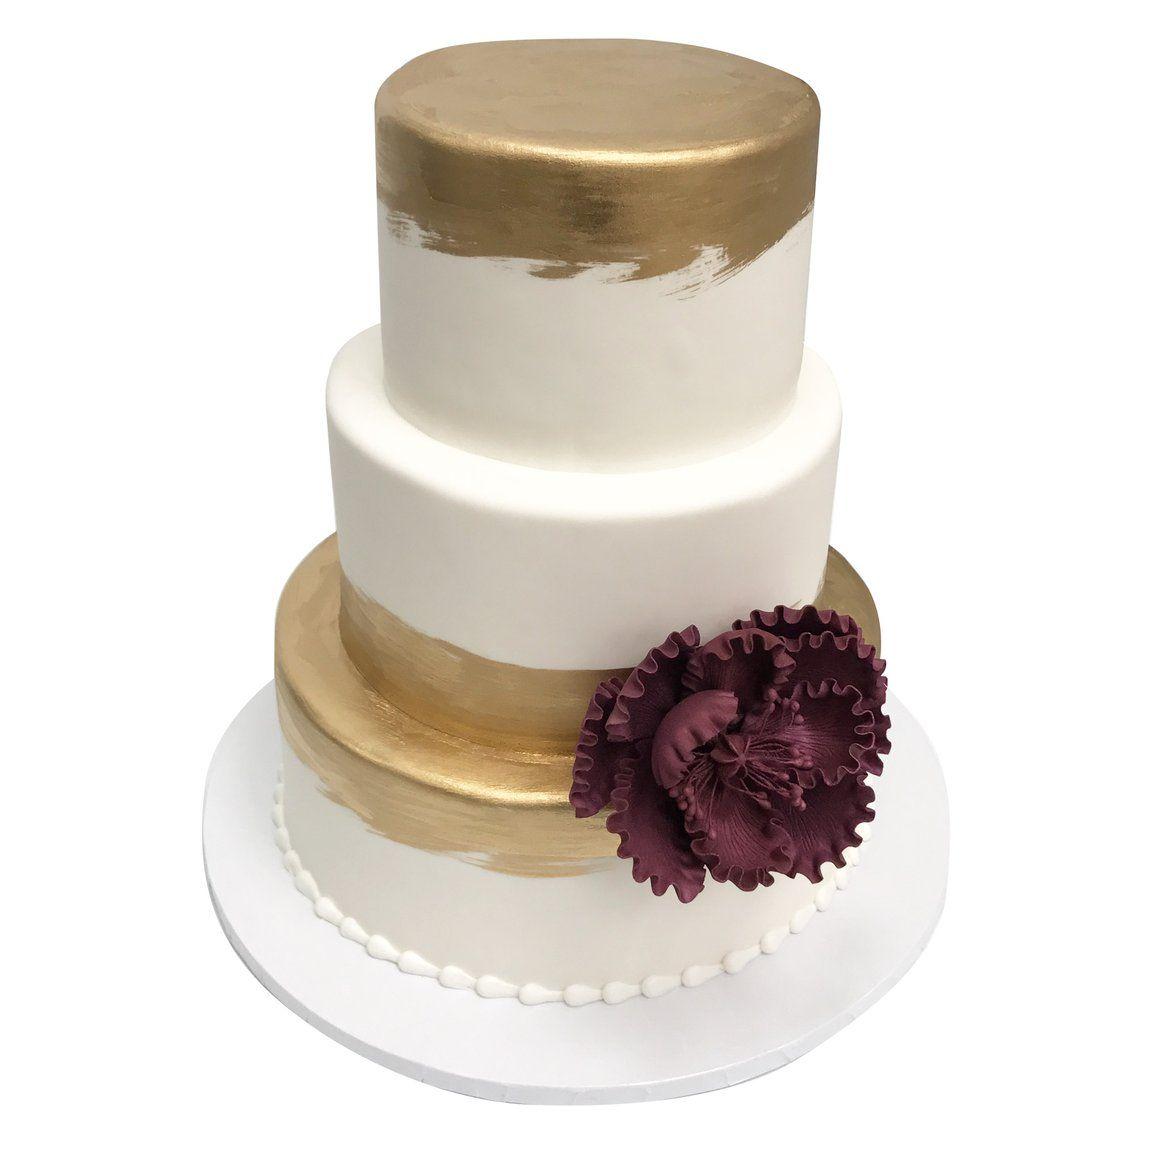 Brushed Gold | Baking Stuff | Pinterest | Wedding cake, Cheese cakes ...